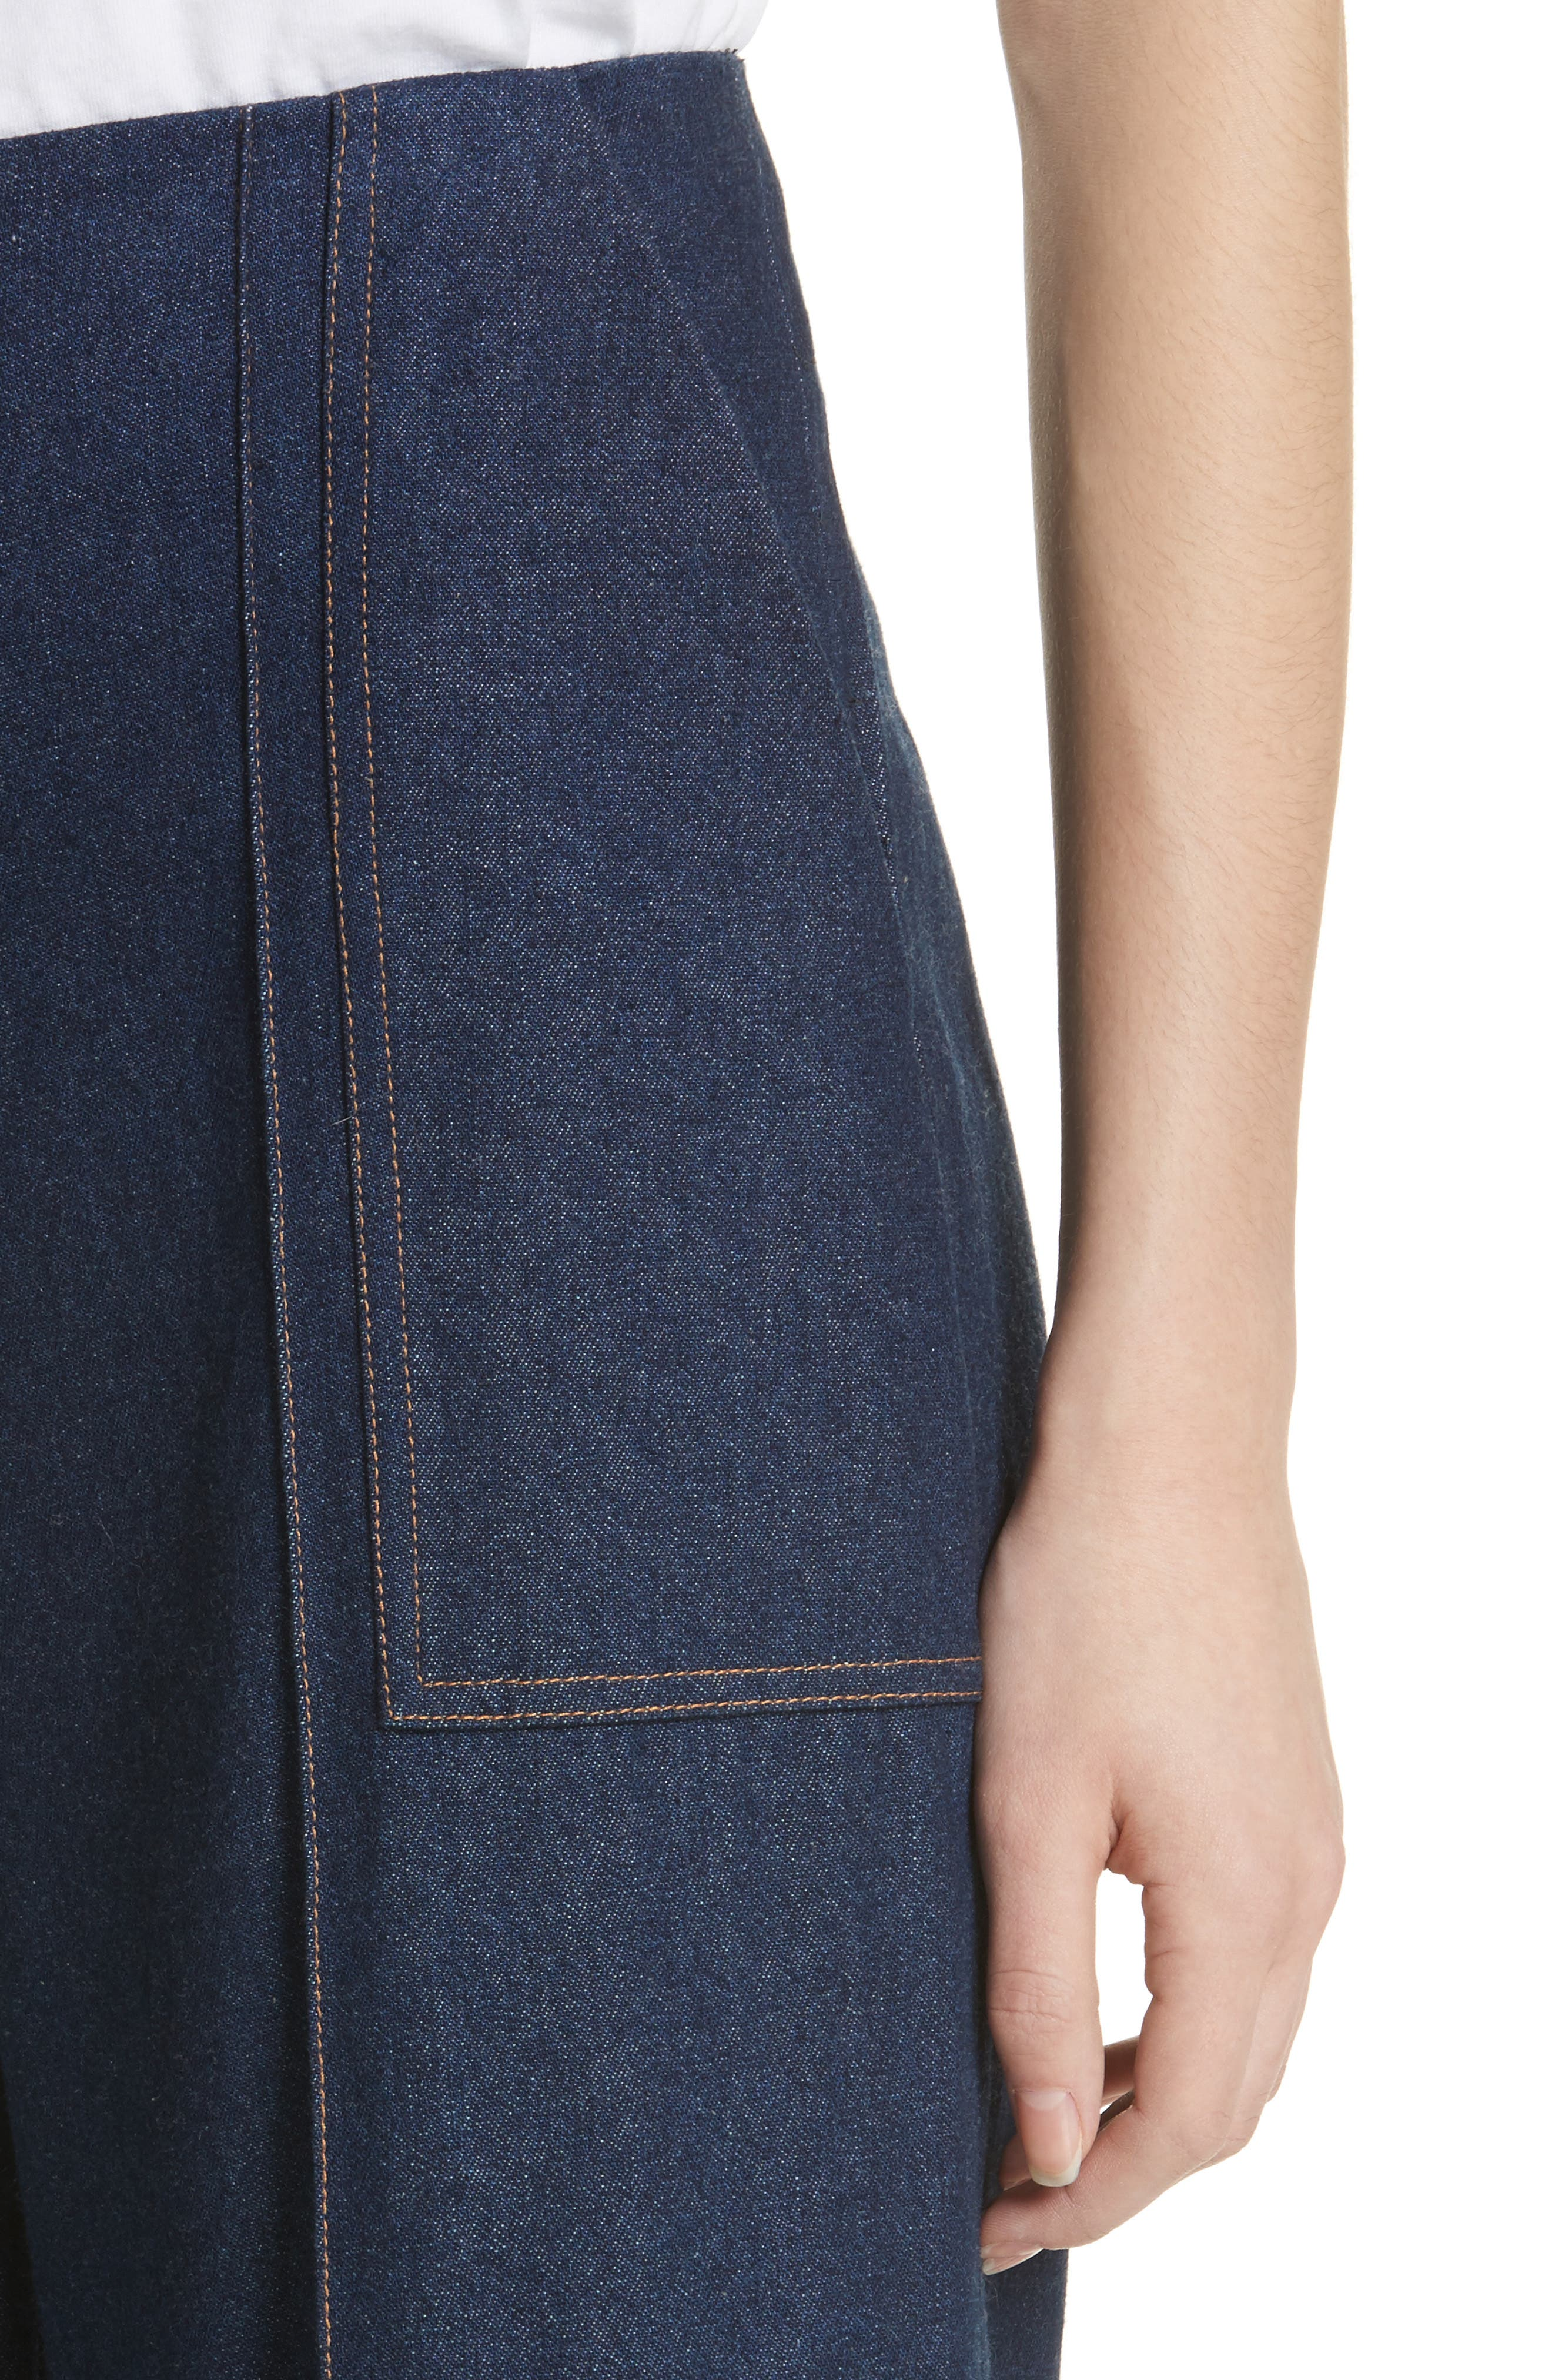 Dune Imitation Pearl Trim Wide Leg Crop Jeans,                             Alternate thumbnail 4, color,                             400